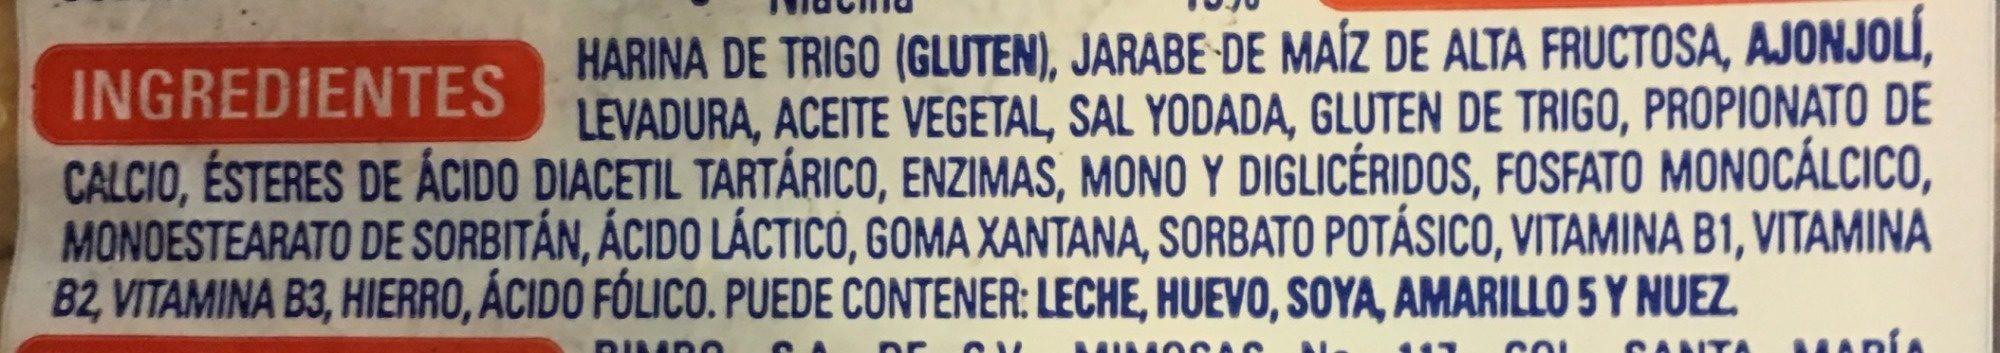 Bimbollos - Ingrédients - es